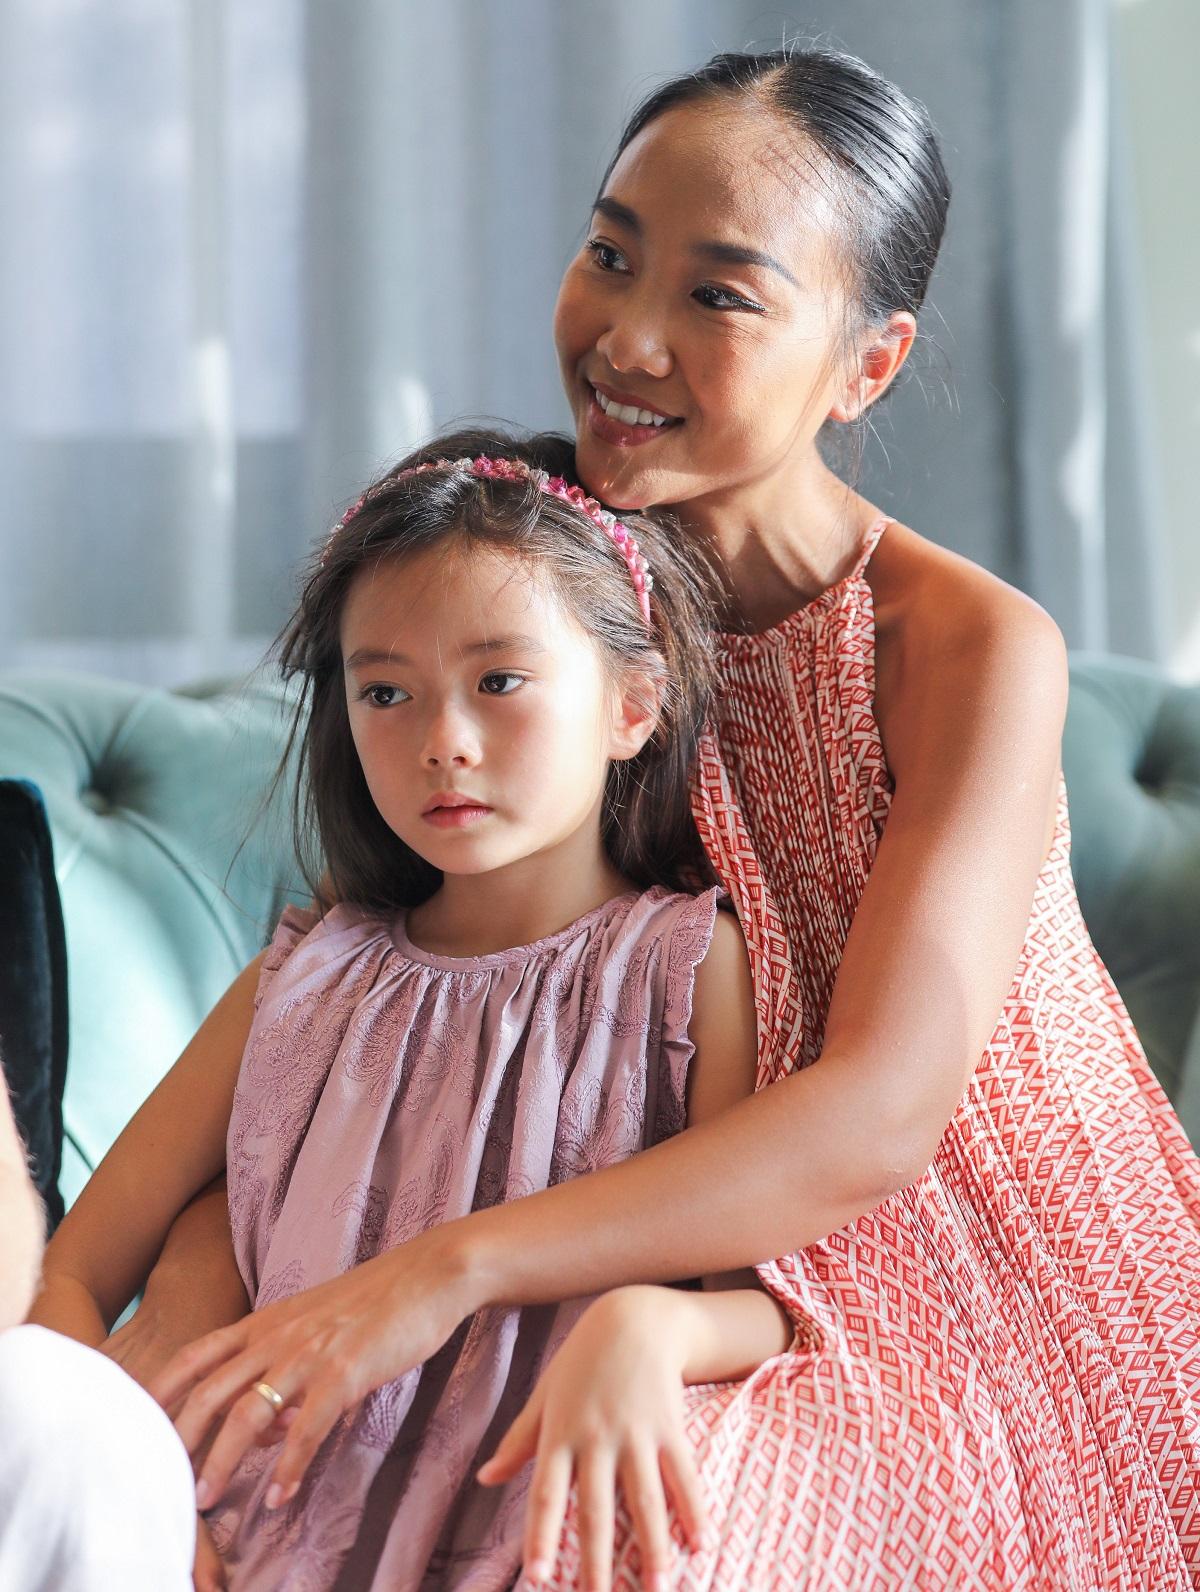 Mới 6 tuổi, bé Sol đã thông thạo cả tiếng Anh và tiếng Việt, là thông dịch viên nhí cho bà ngoại và ba.